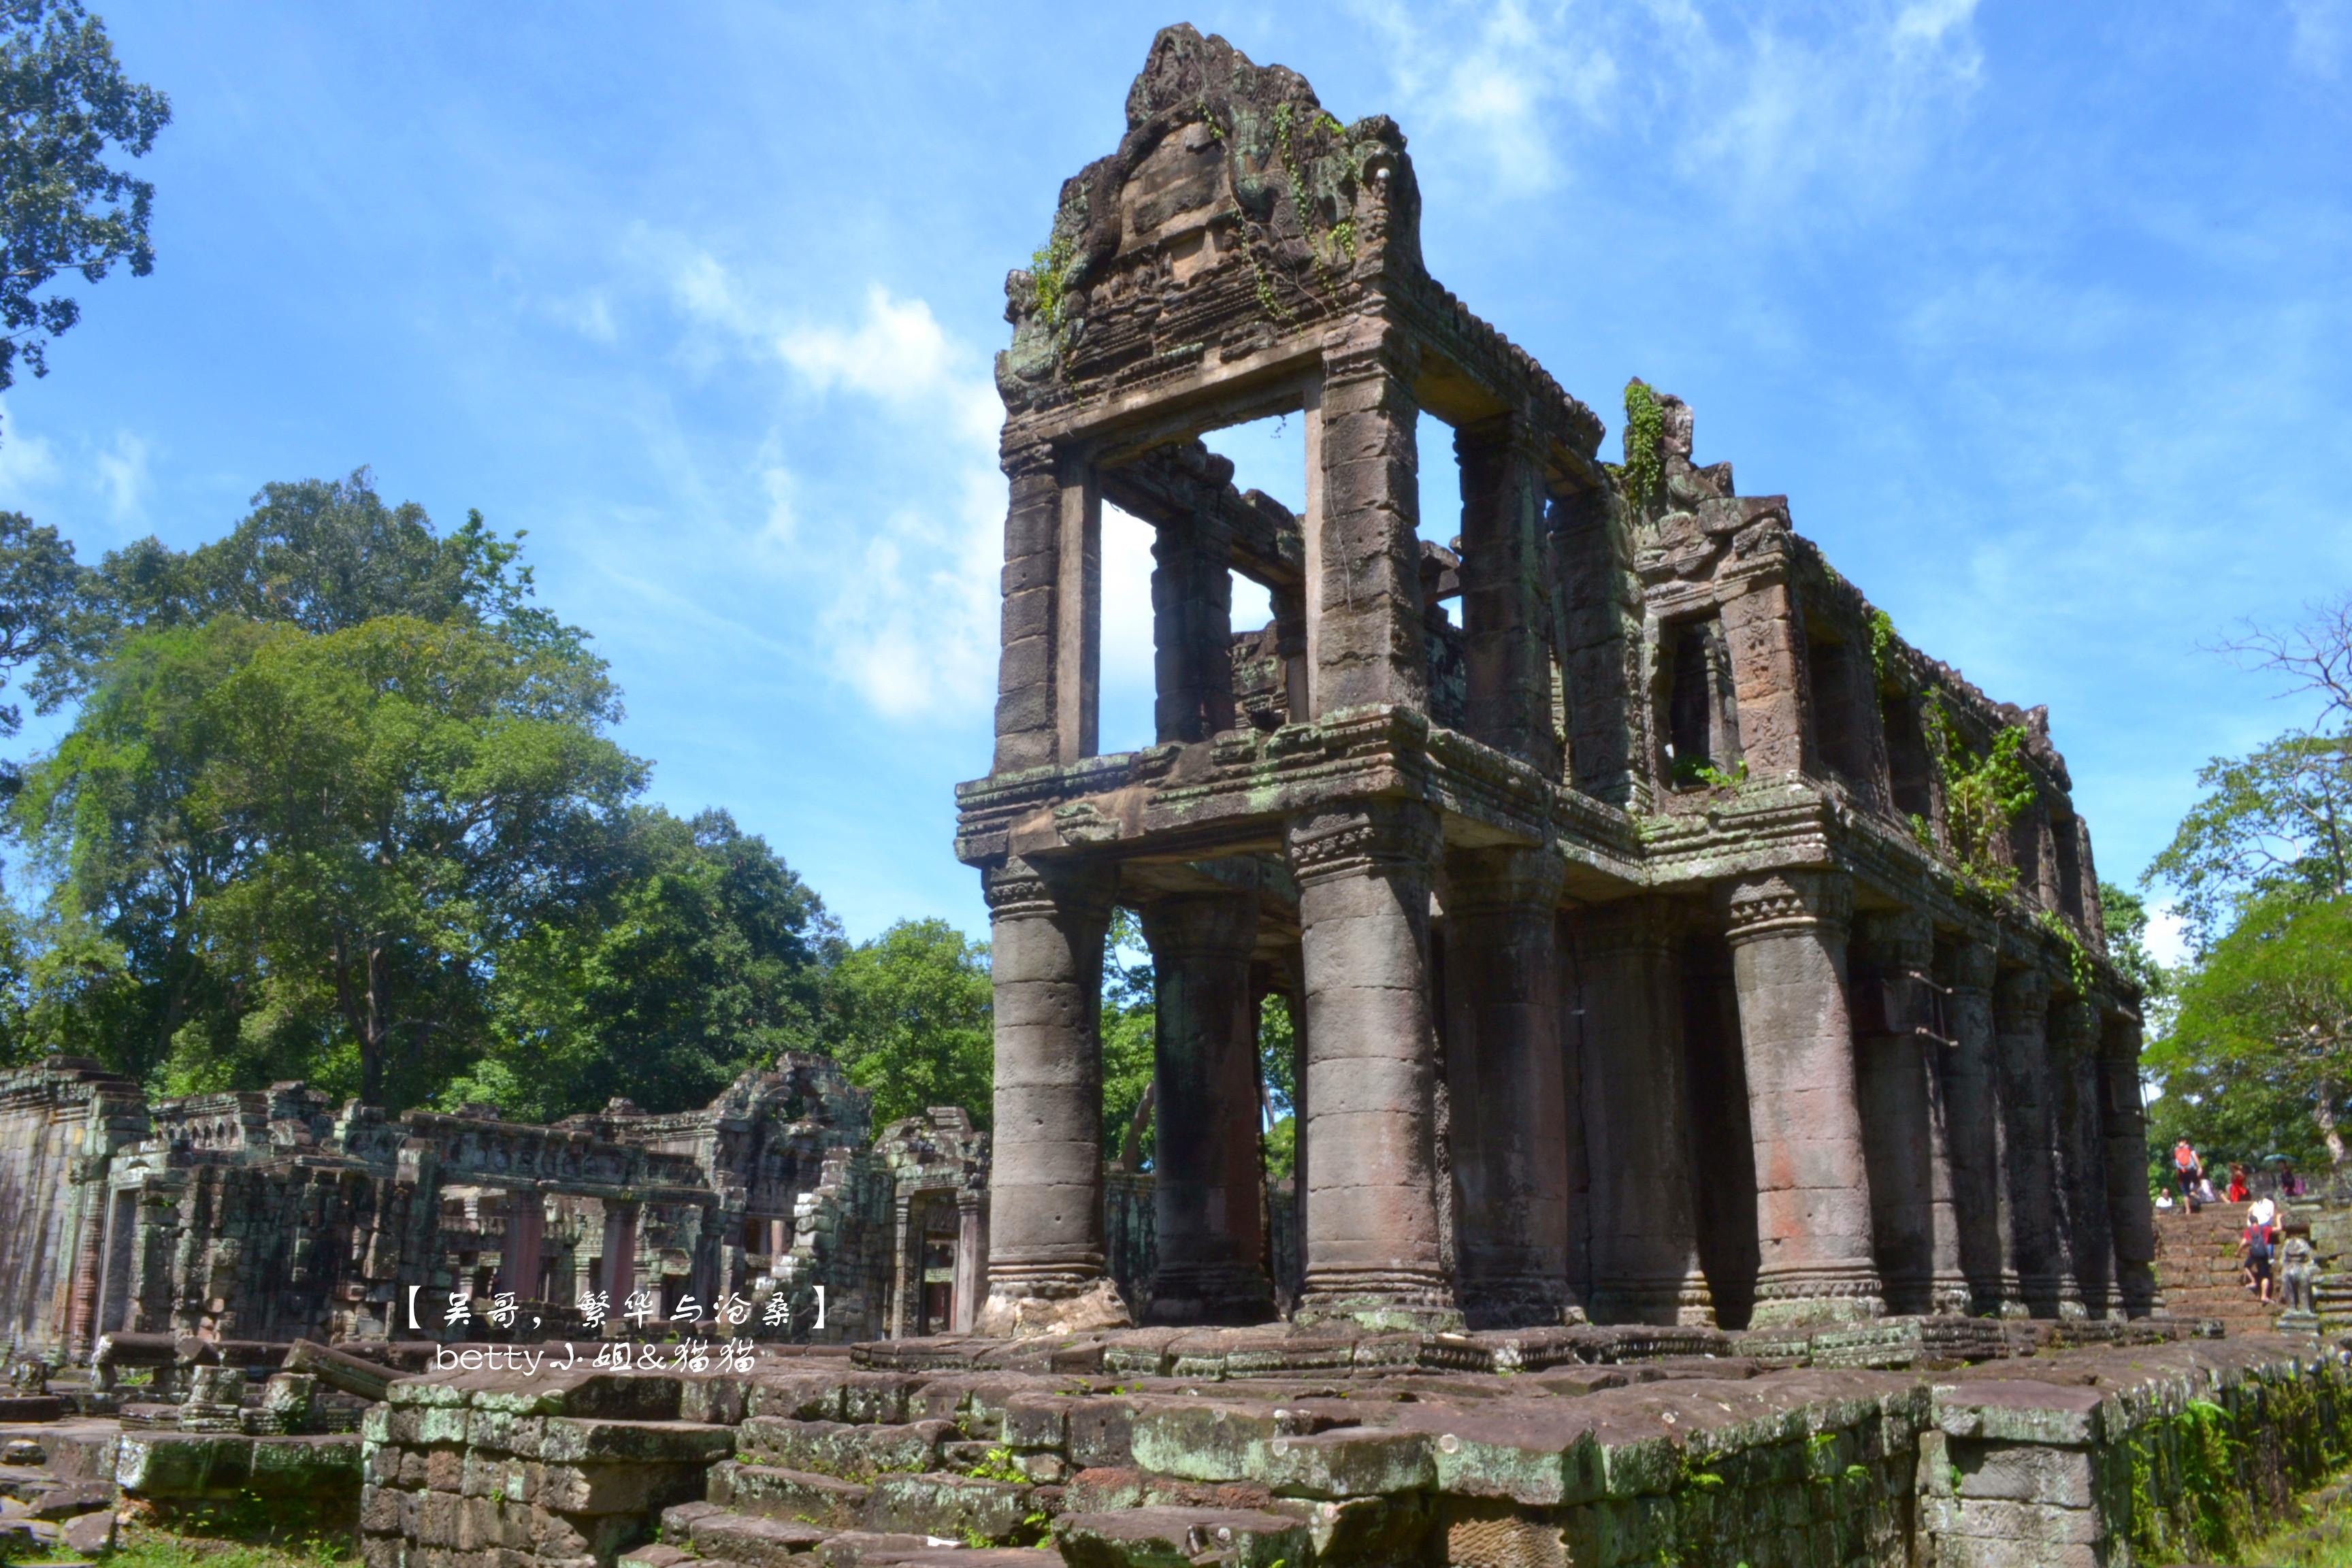 柬埔寨-暹粒-圣剑寺-betty小姐